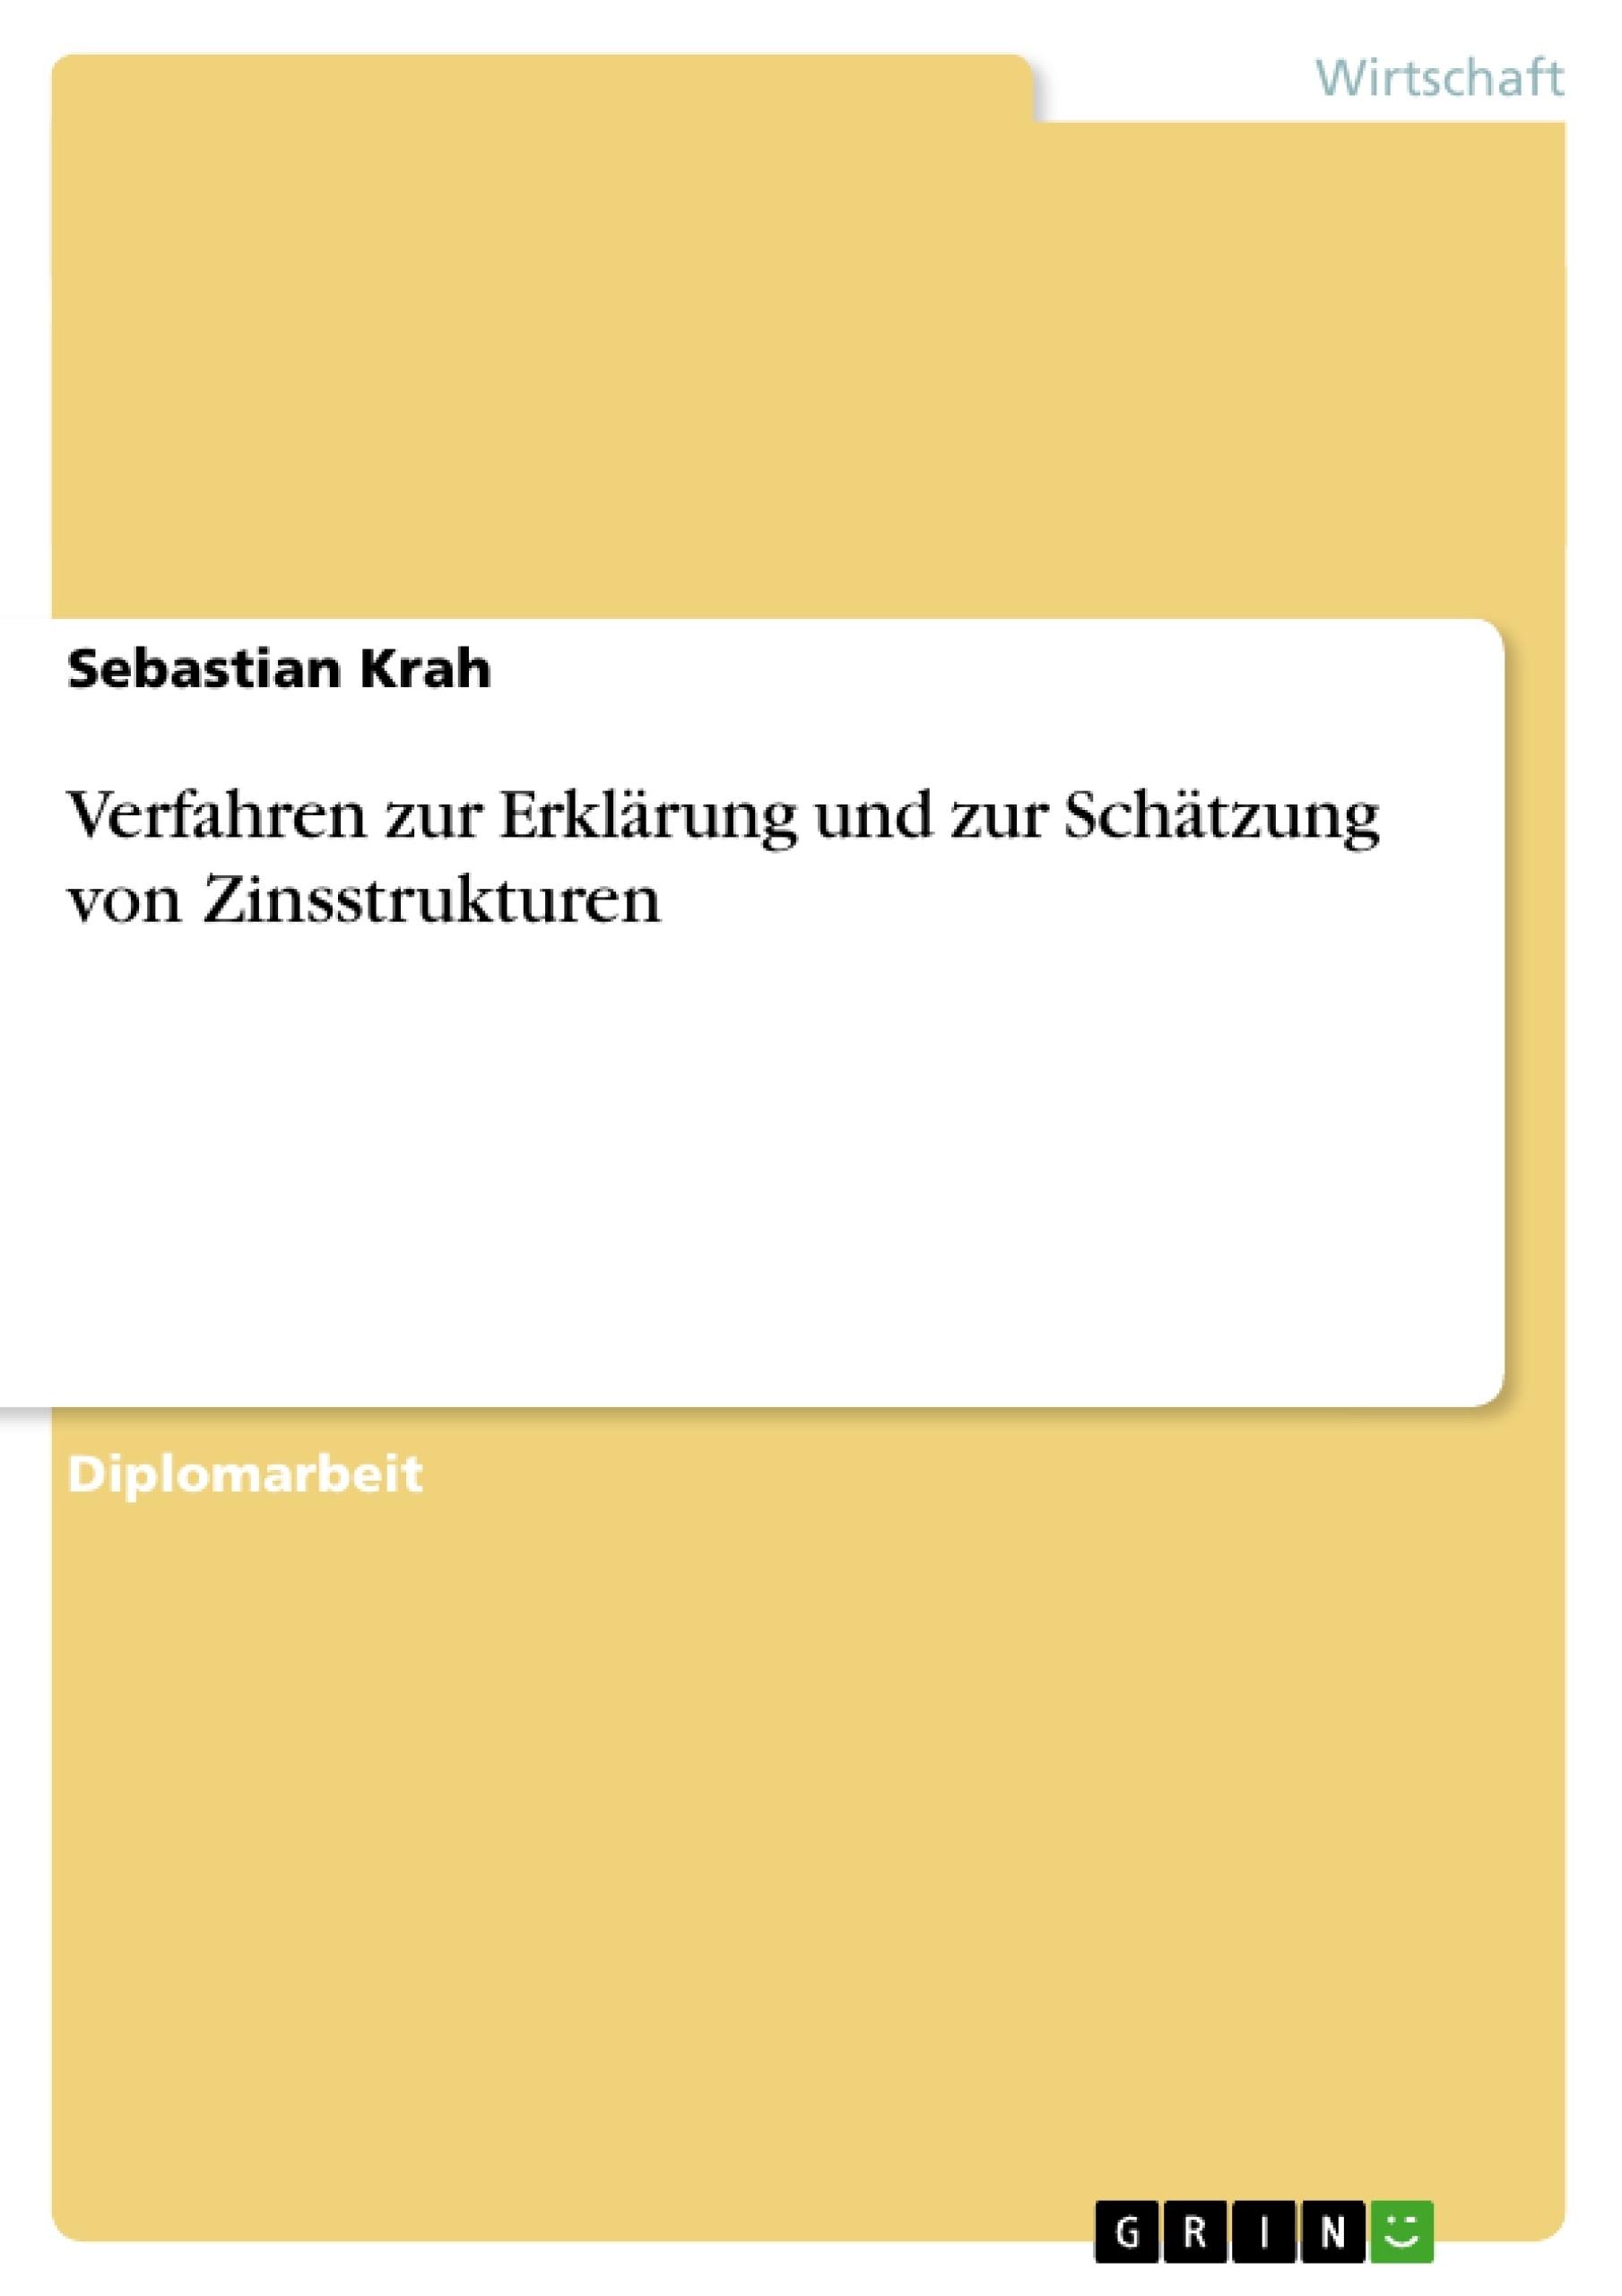 Titel: Verfahren zur Erklärung und zur Schätzung von Zinsstrukturen